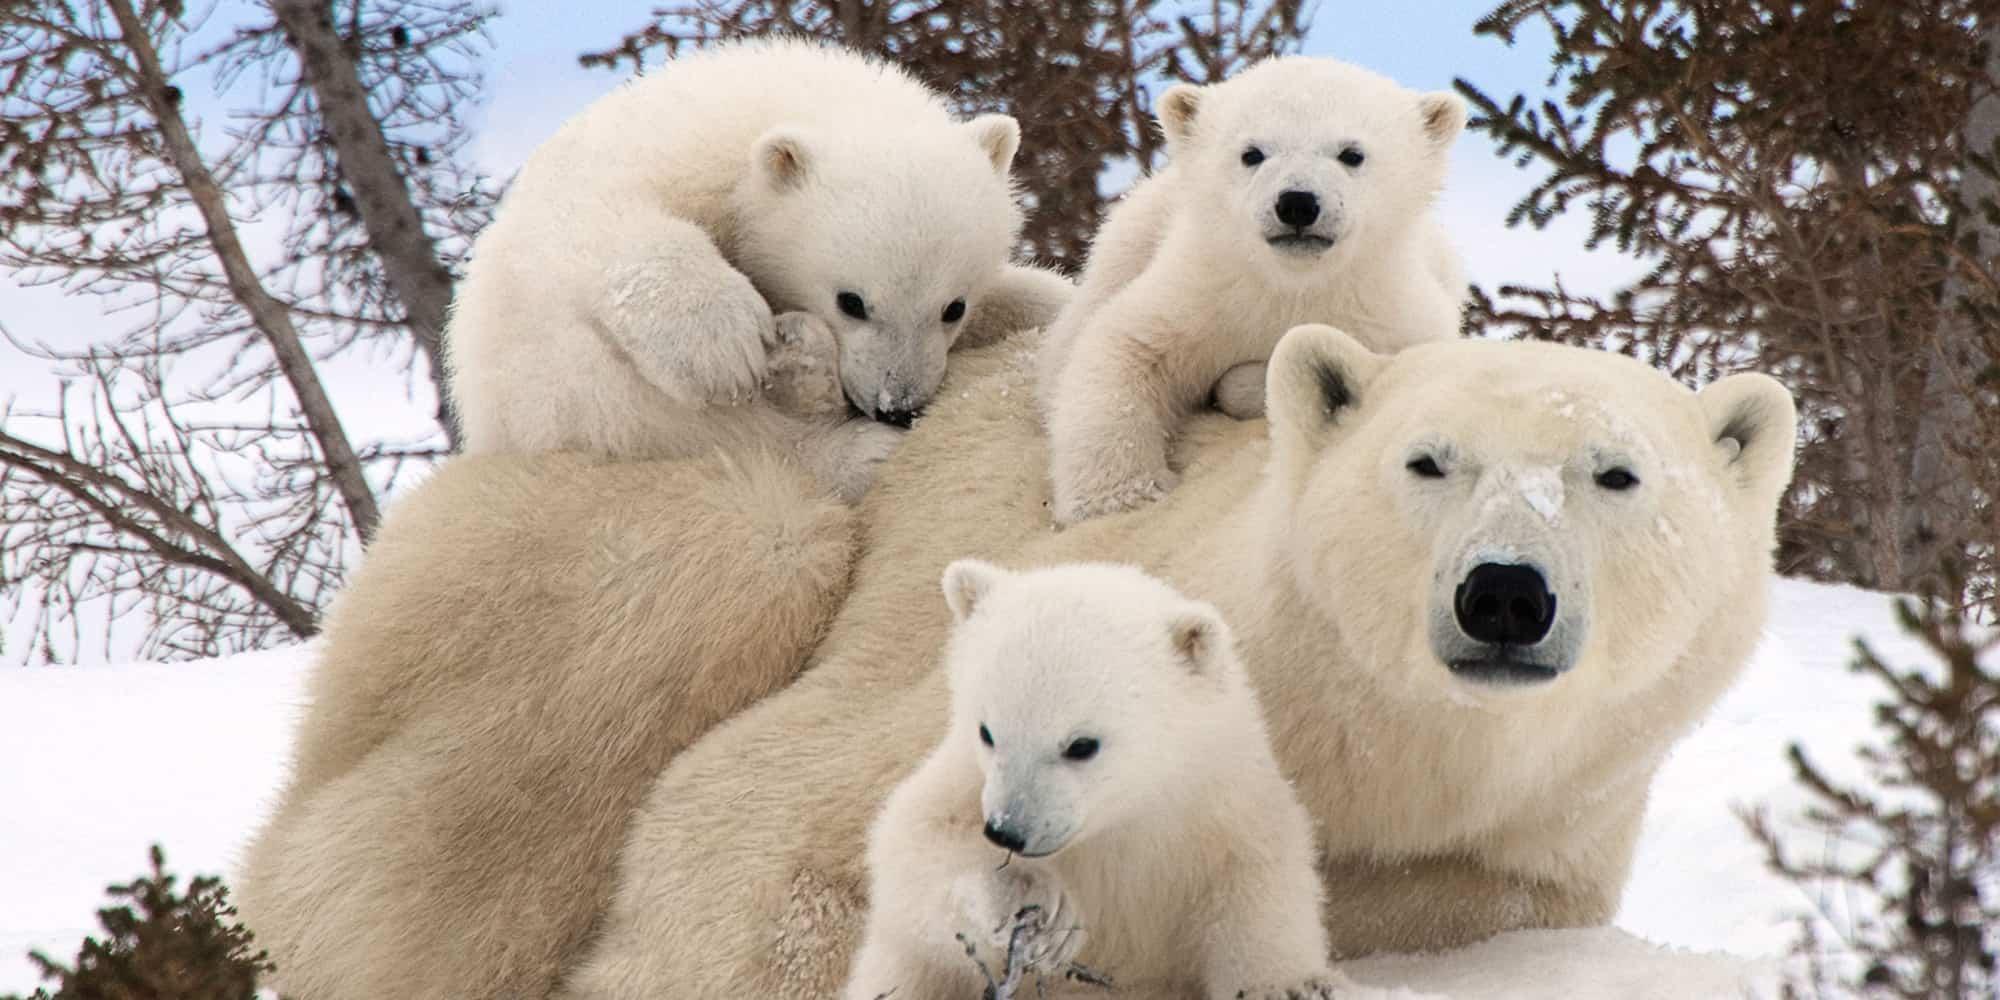 Photo of Селфи с моржом и белым медведем на ВДНХ Селфи с моржом и белым медведем на ВДНХ Селфи с моржом и белым медведем на ВДНХ 001